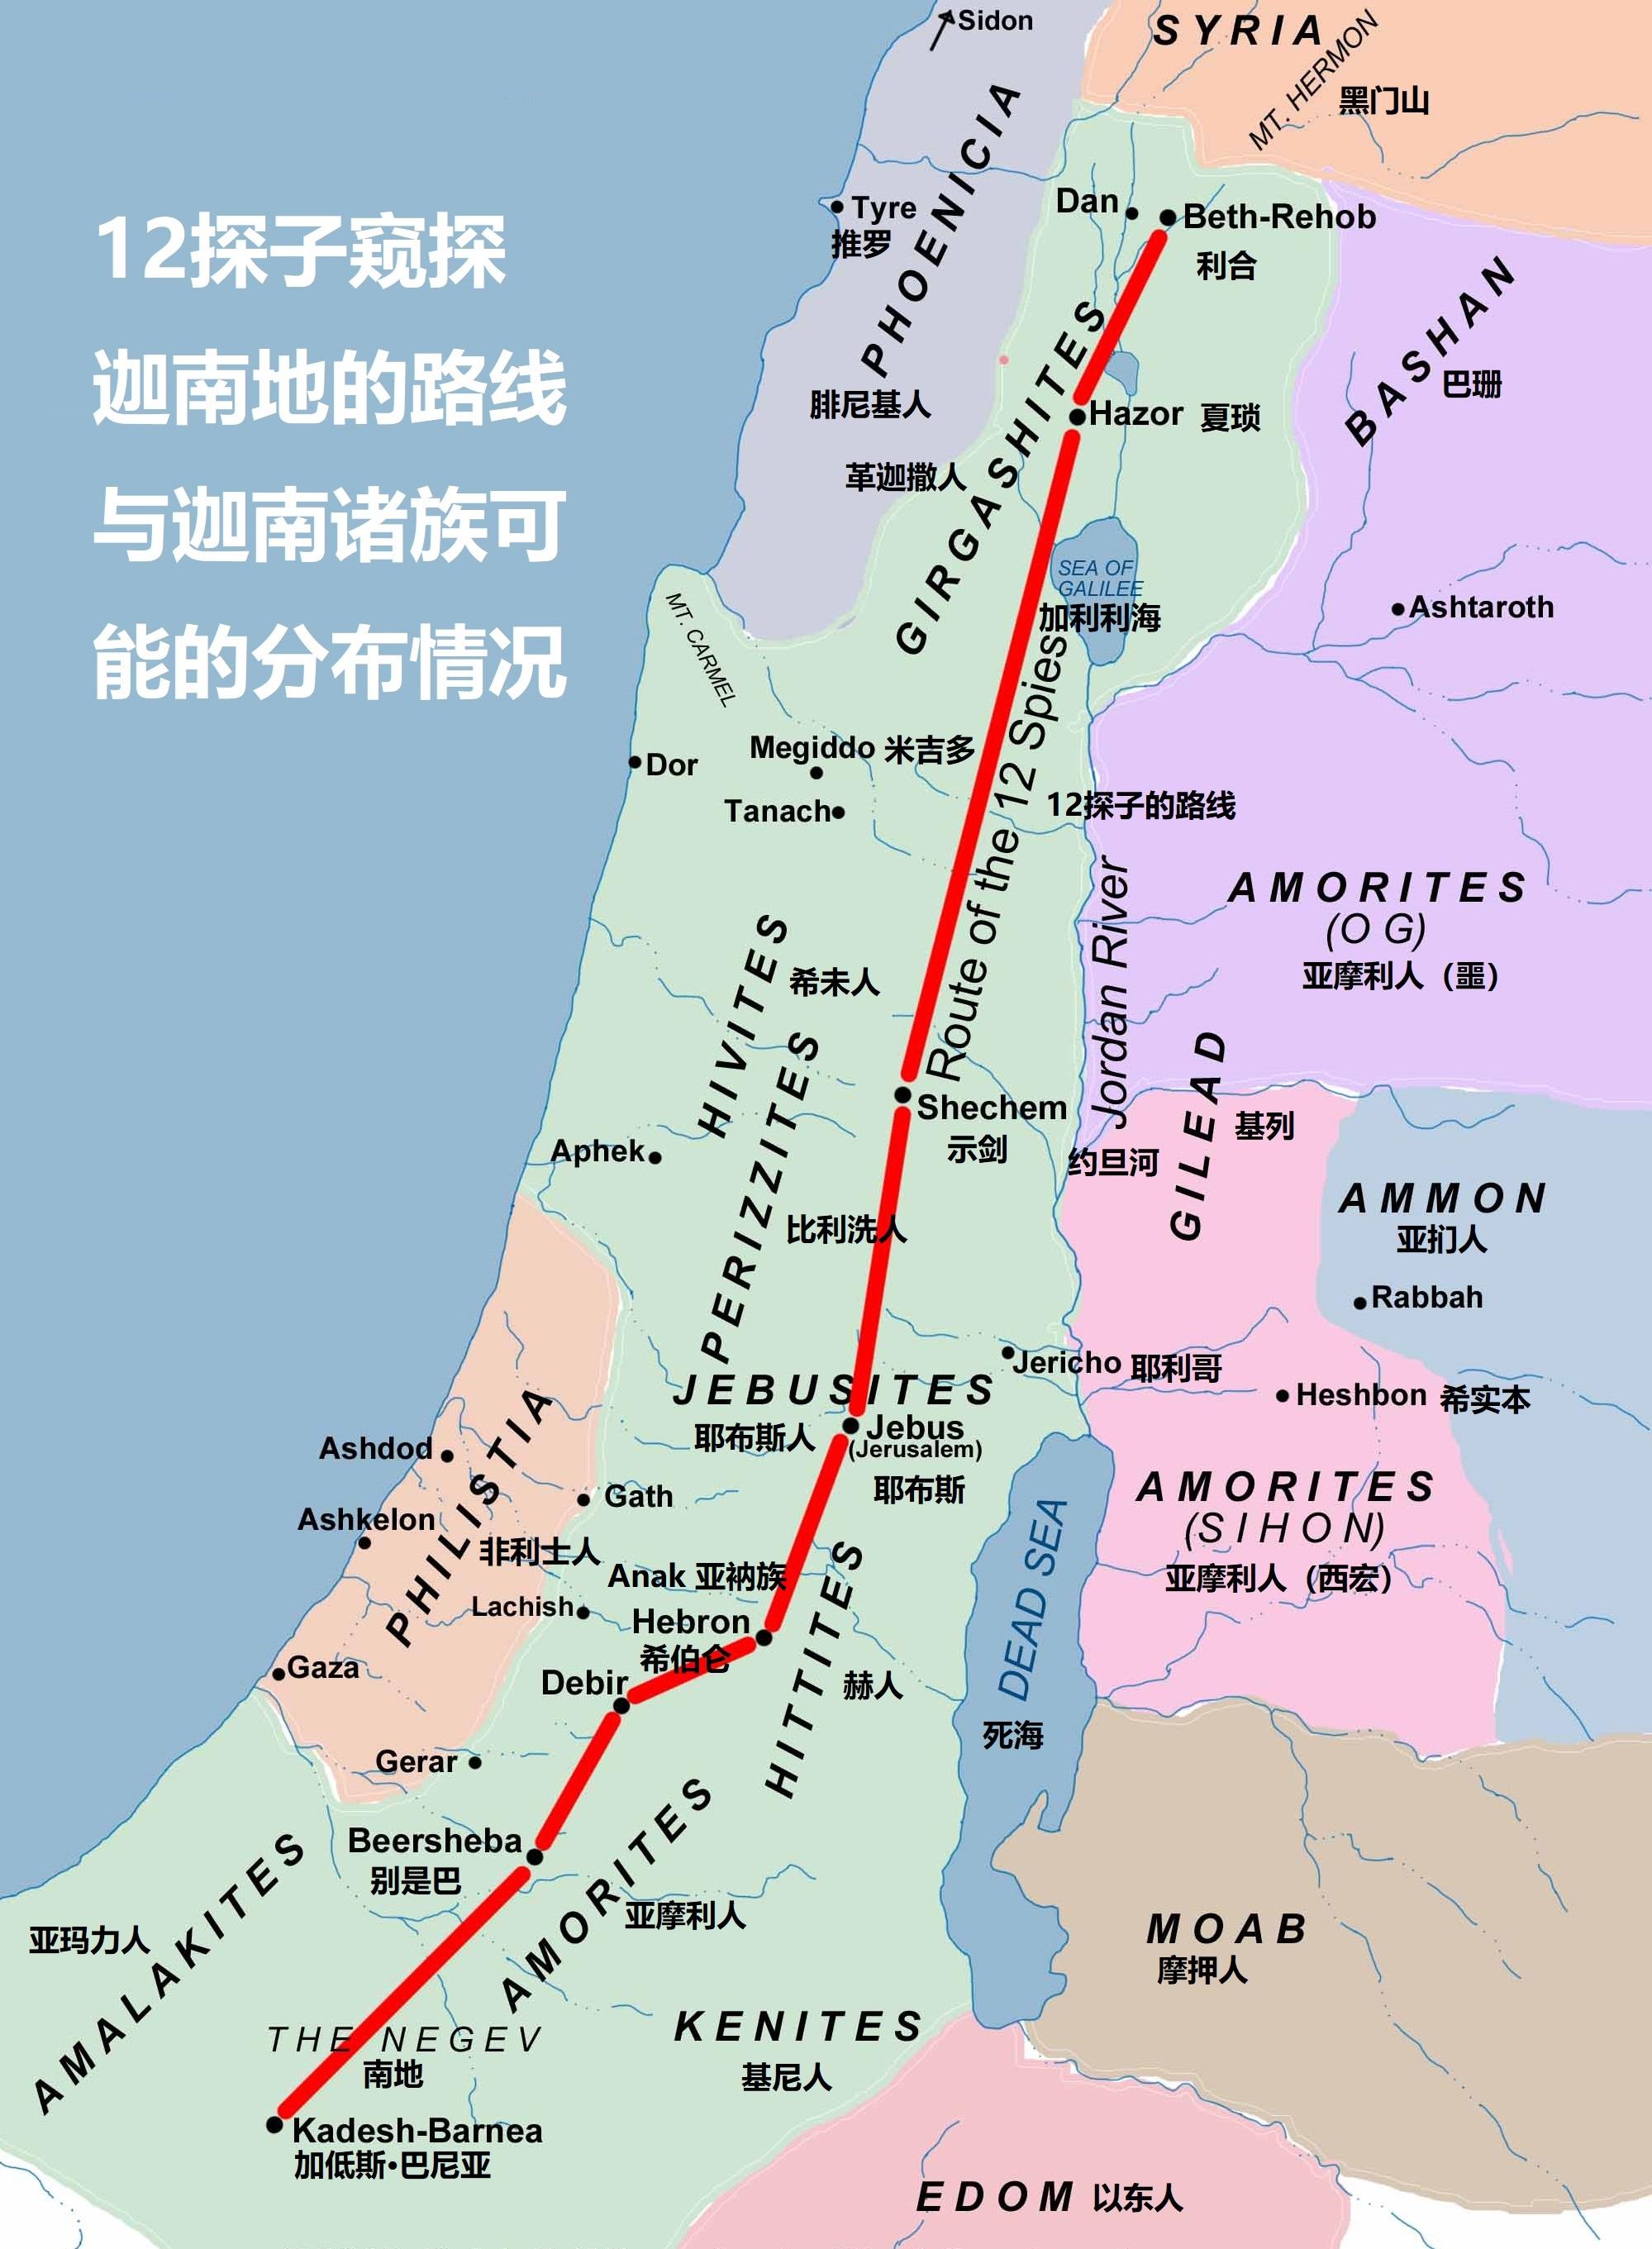 上图:迦南诸族和周边民族可能的分布情况。亚玛力人是以扫的后代(创三十六15),住在南地和西奈半岛一带(出十七8;撒上十五);赫人住在希伯仑一带(创二十三10);耶布斯人住在耶路撒冷(书十五63);亚摩利人住在希伯仑山地(创十四13);而其他的迦南人则住在地中海沿岸和约旦河谷。若没有神的带领,进迦南的道路确实是困难重重、充满了阻拦。